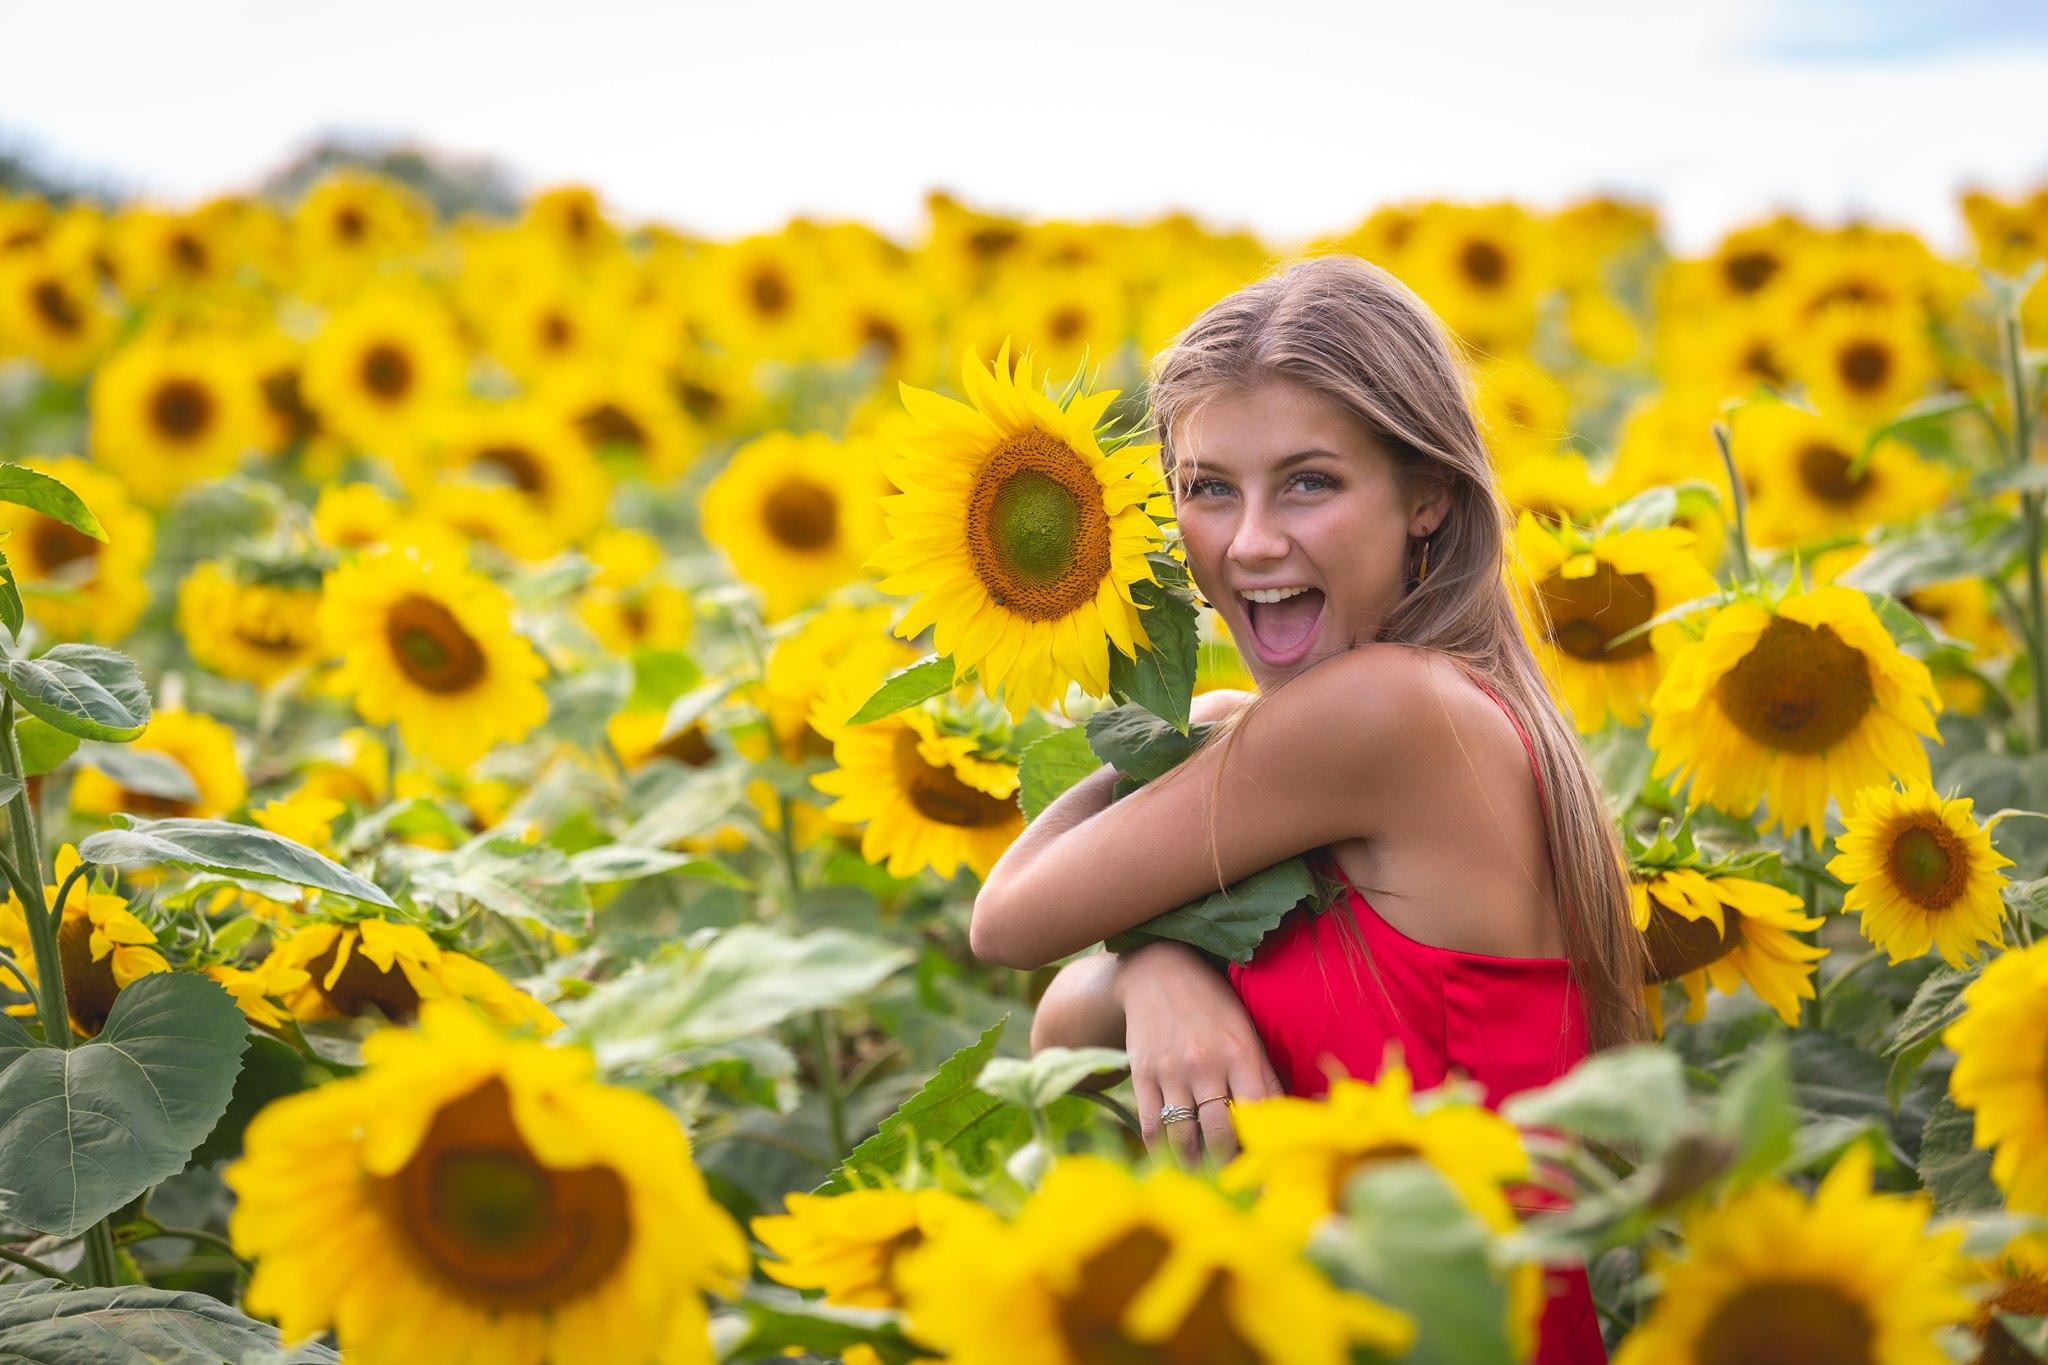 Tessa Boschert Photography